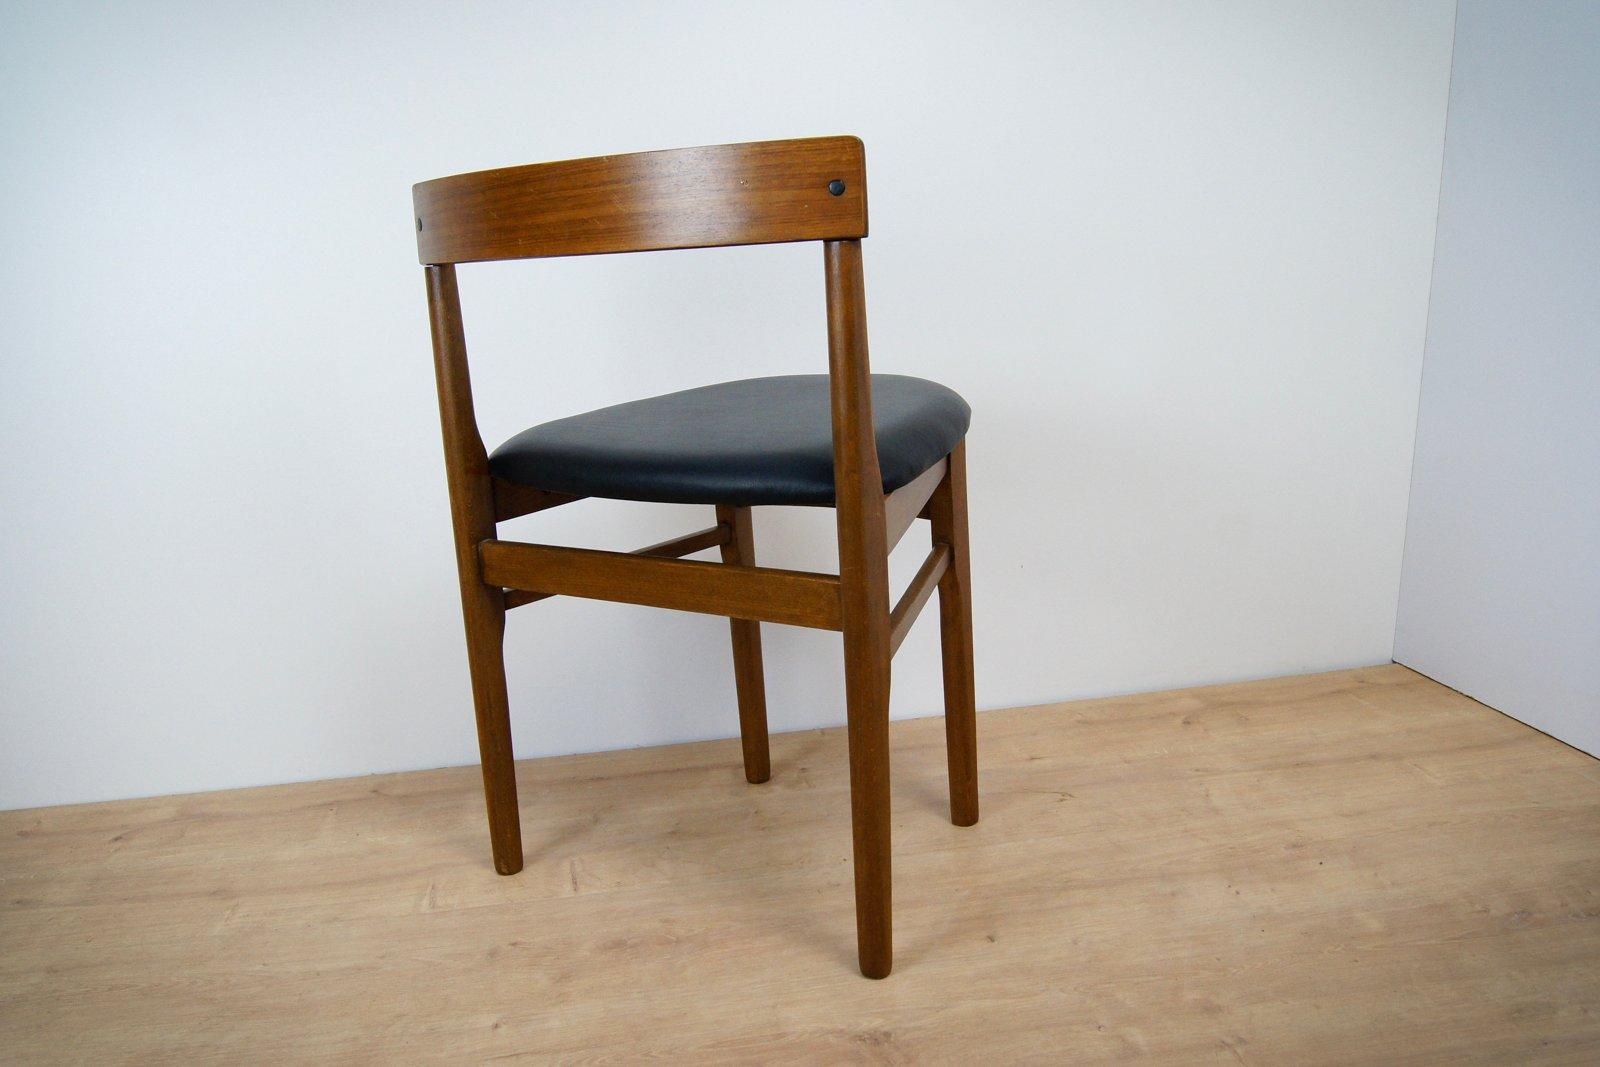 esszimmer st hle aus teak von mcintosh 1960er 2er set bei pamono kaufen. Black Bedroom Furniture Sets. Home Design Ideas